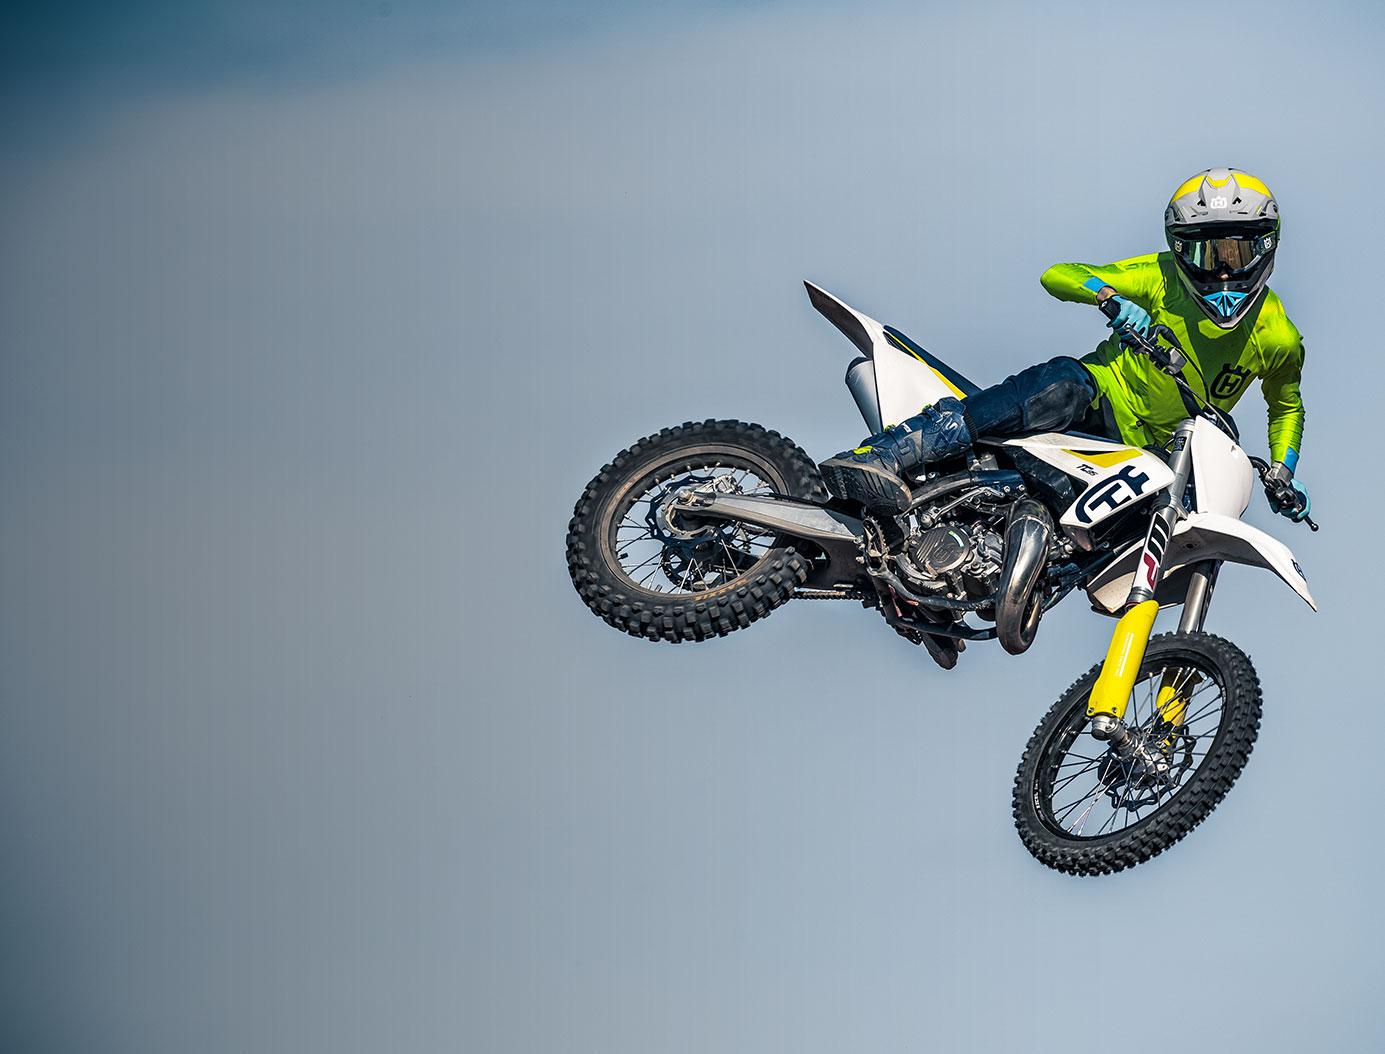 2020 Husqvarna TC 85 19/16 Motorcycle UAEs Prices, Specs